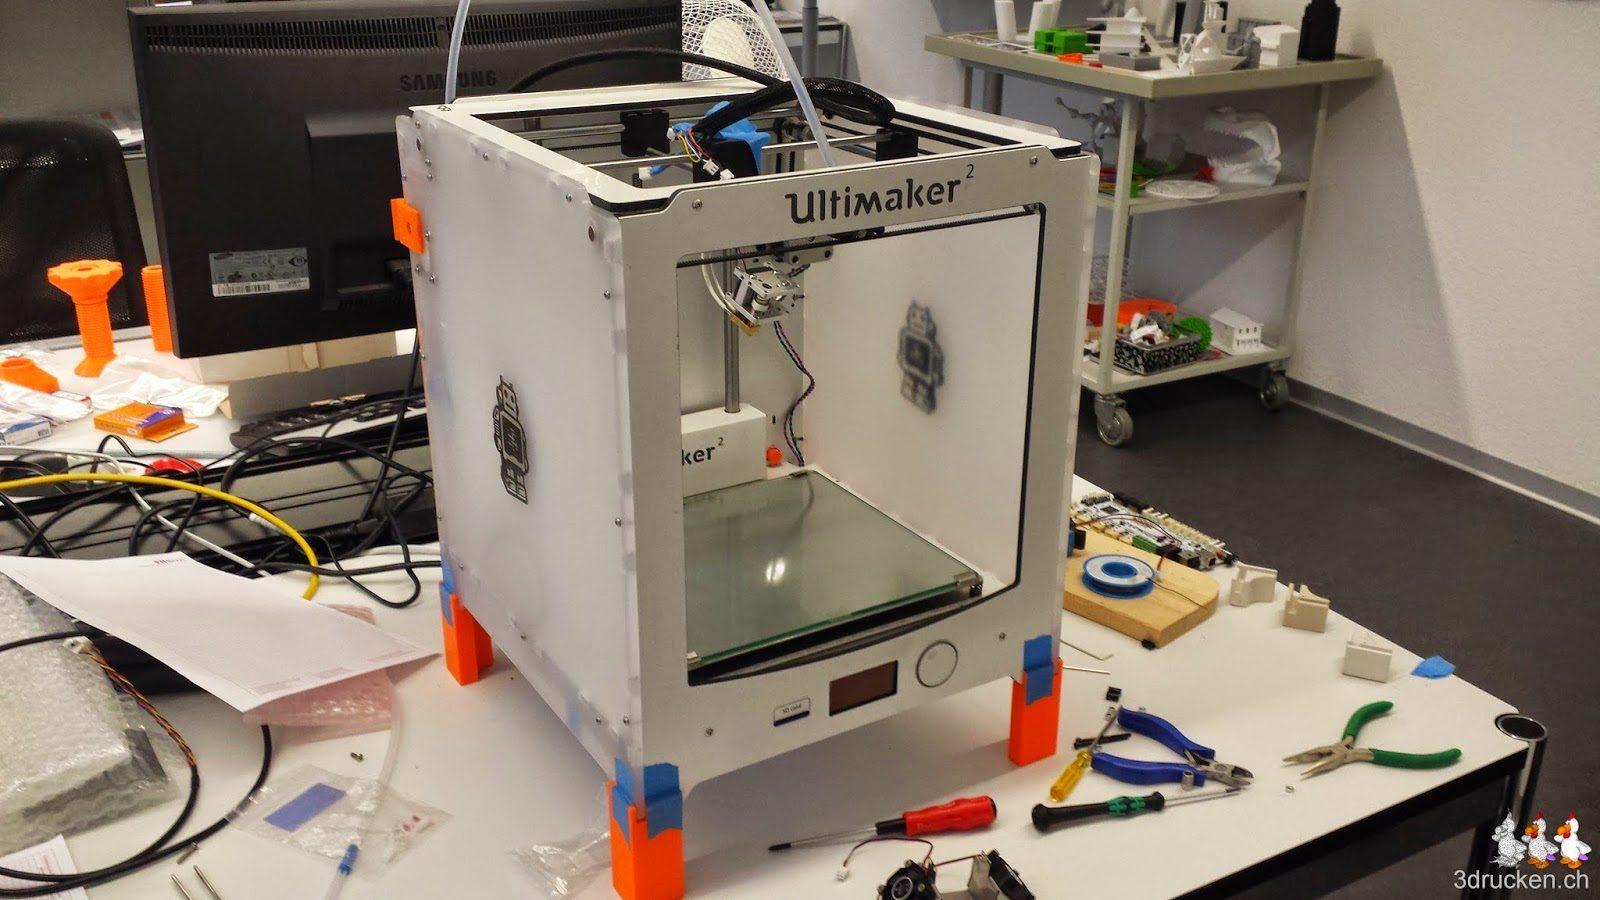 Foto des Ultimaker 2, Ersatzteile und Werkzeug auf unserem Reparatur Arbeitsplatz